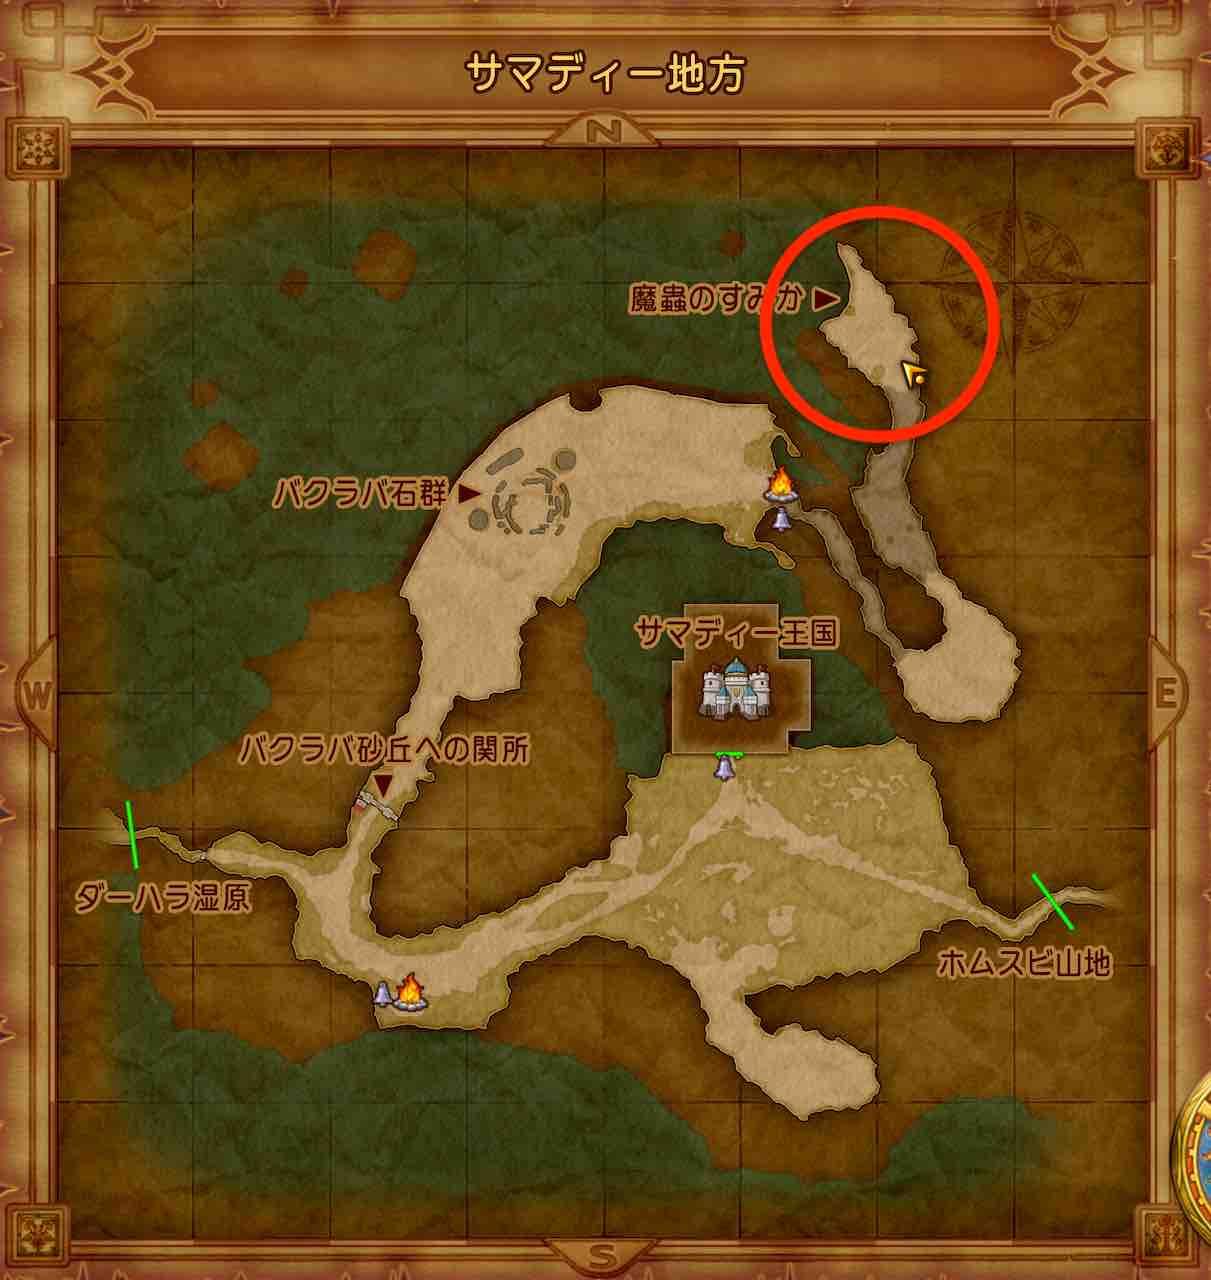 ドラクエ11S 魔竜のたましい ギガデーモンの場所1